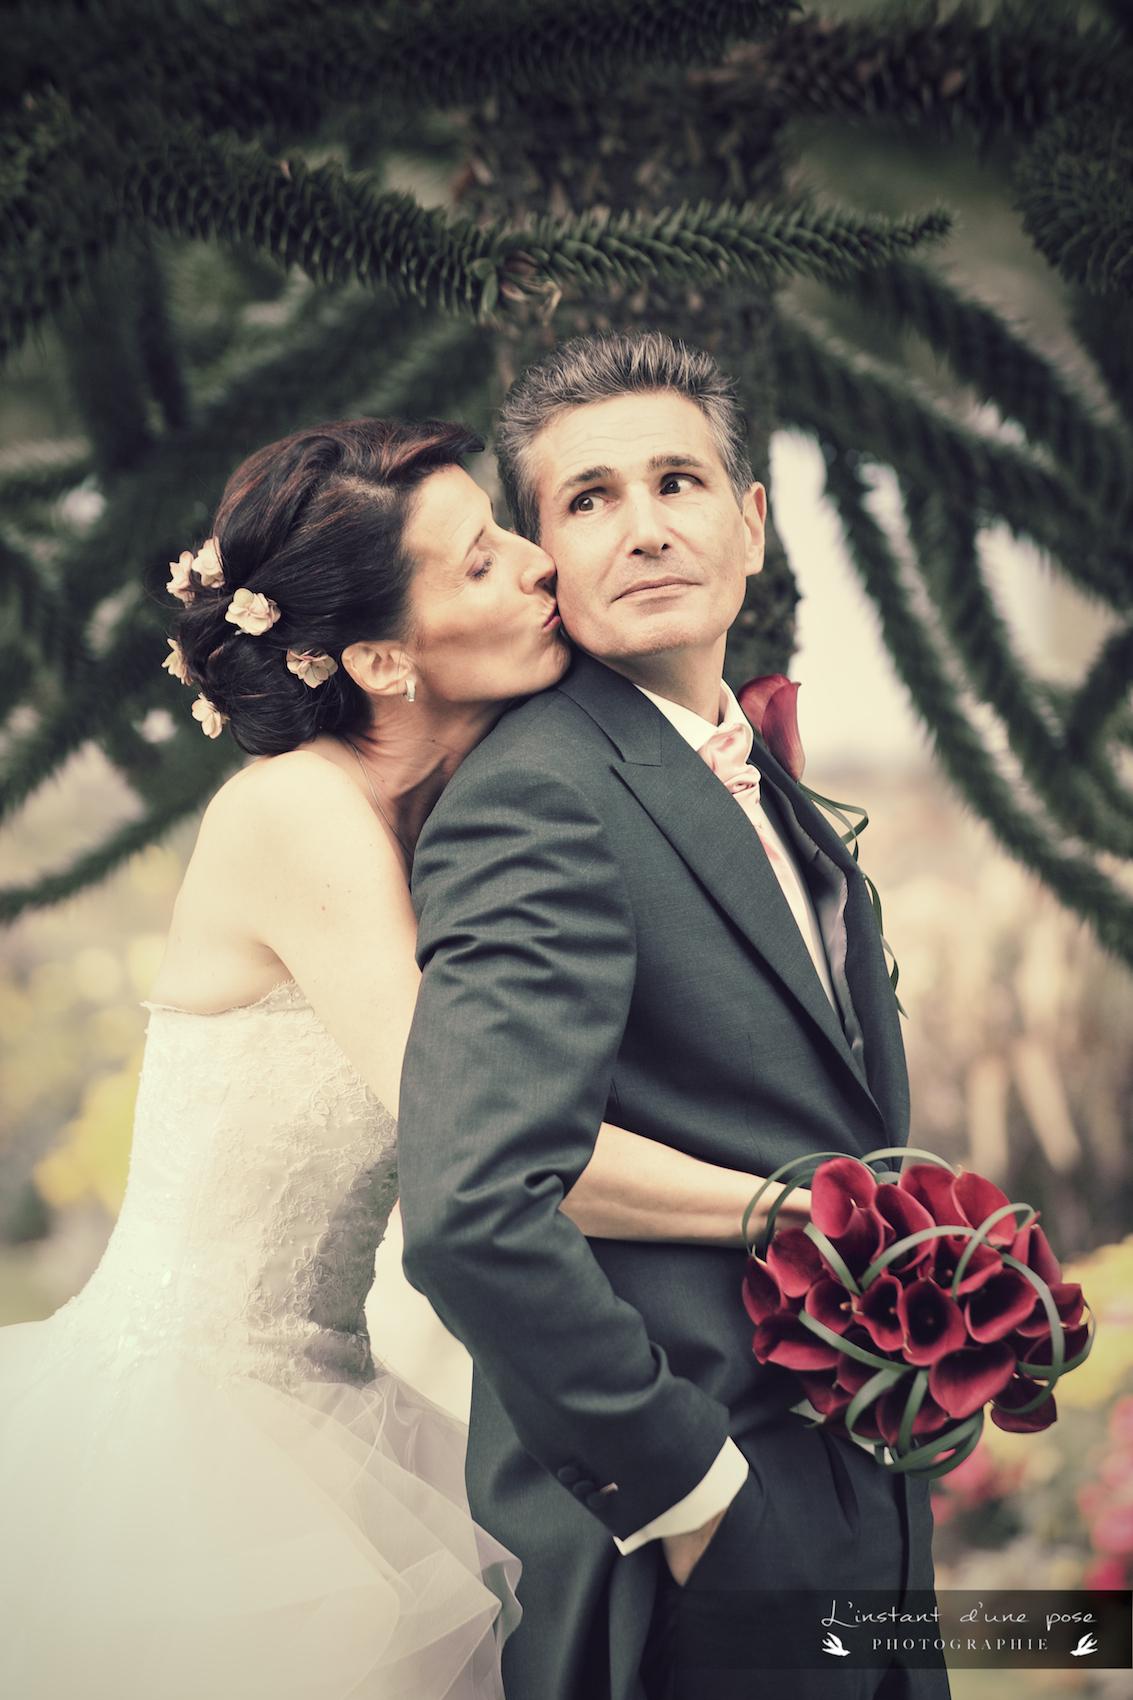 A&N_les mariés 174